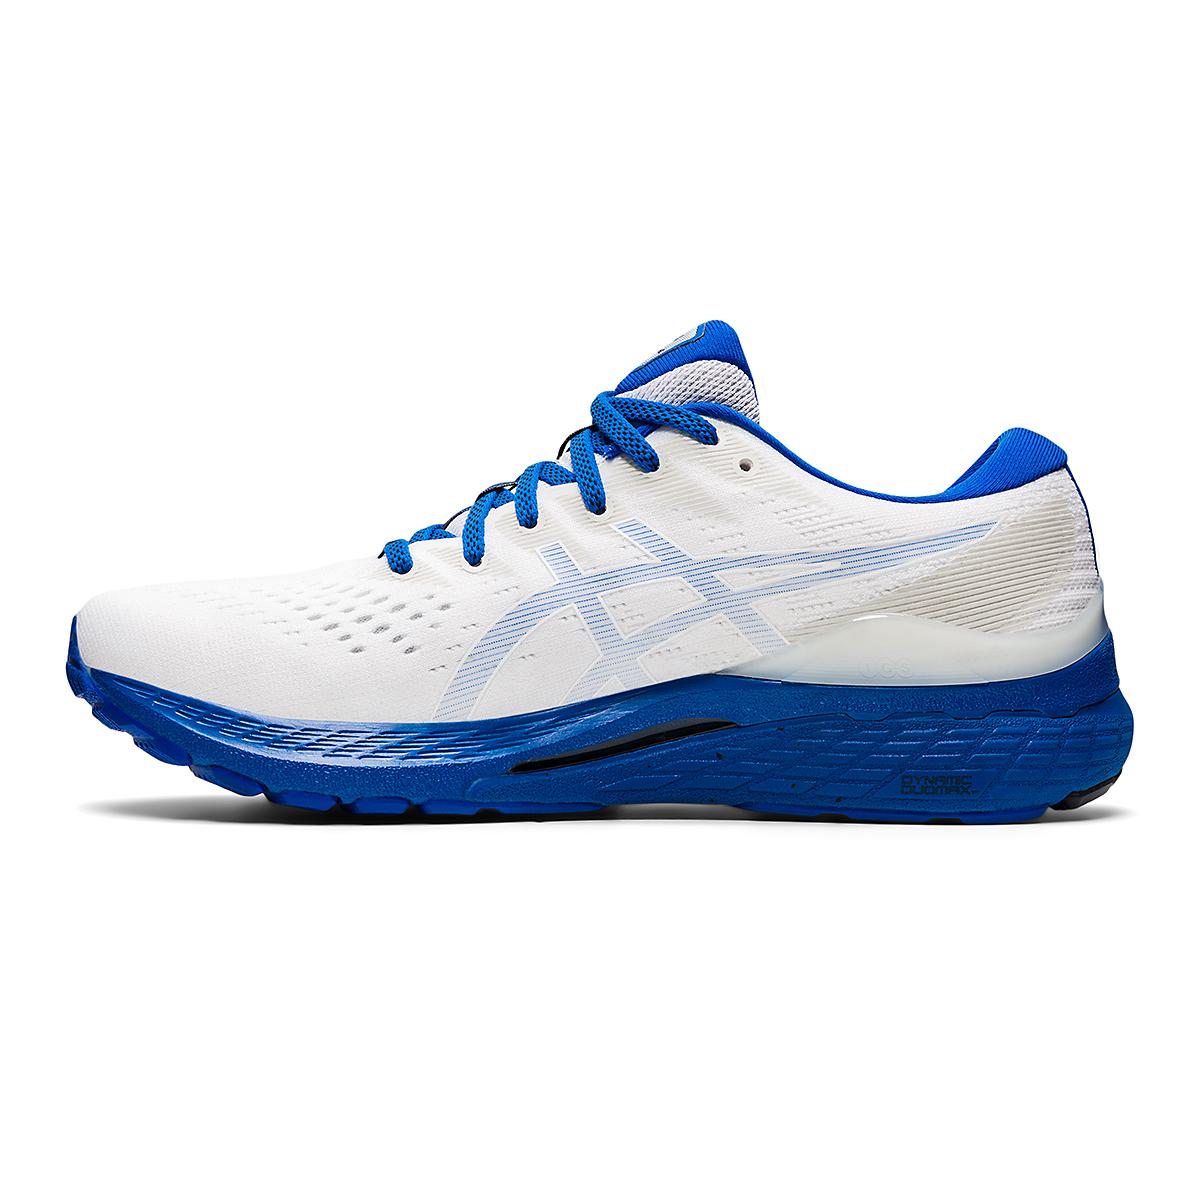 Men's Asics Gel-Kayano 28 Running Shoe, , large, image 2